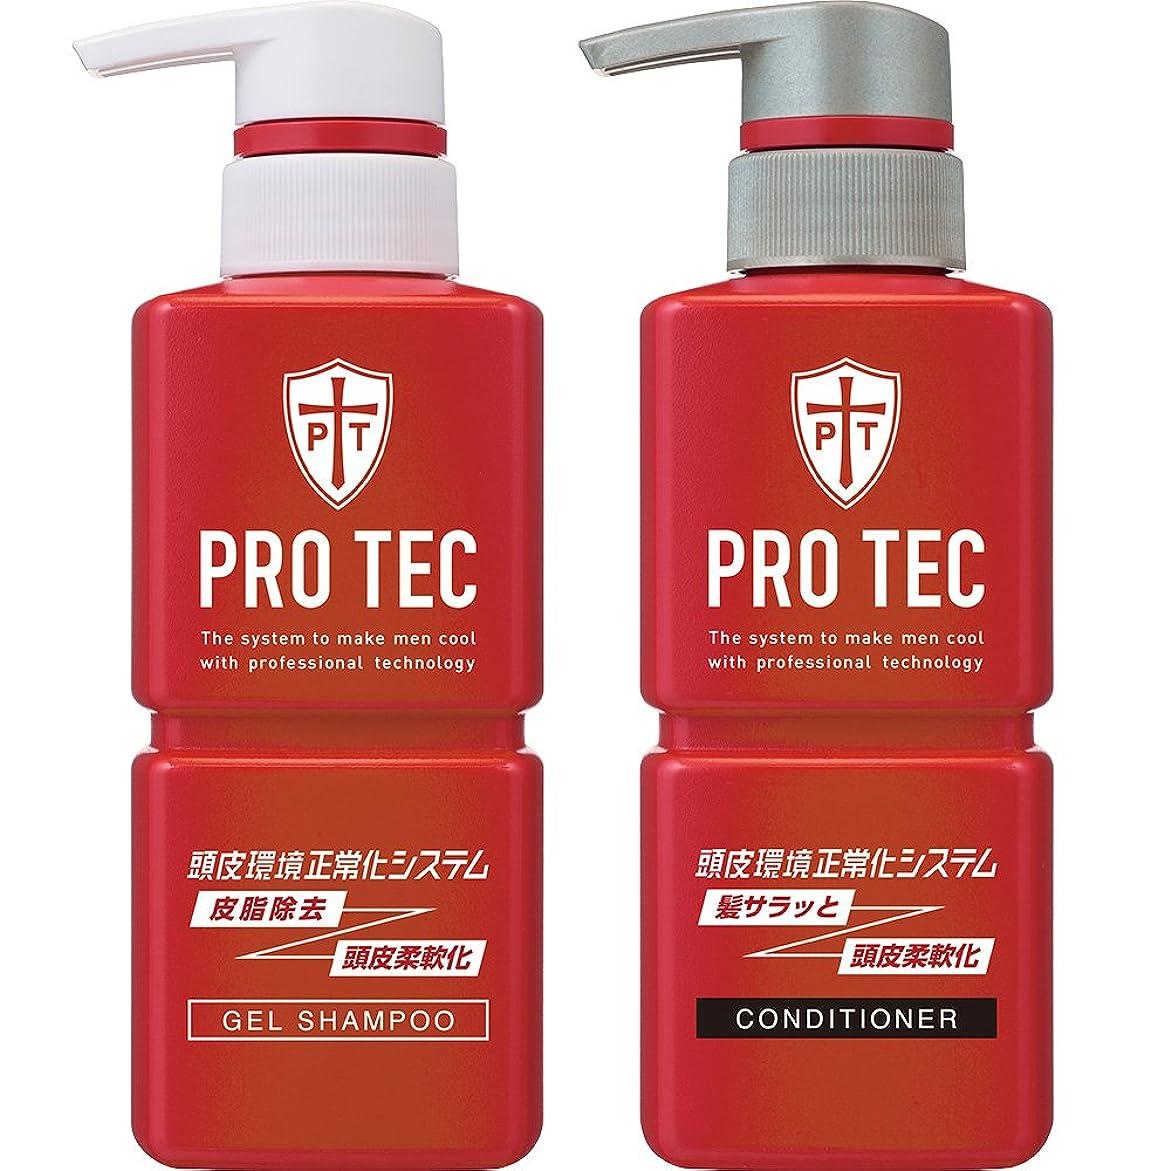 カスタム驚くばかり間接的PRO TEC(プロテク) 頭皮ストレッチ シャンプー ポンプ 300g(医薬部外品)+ コンディショナー ポンプ 300g